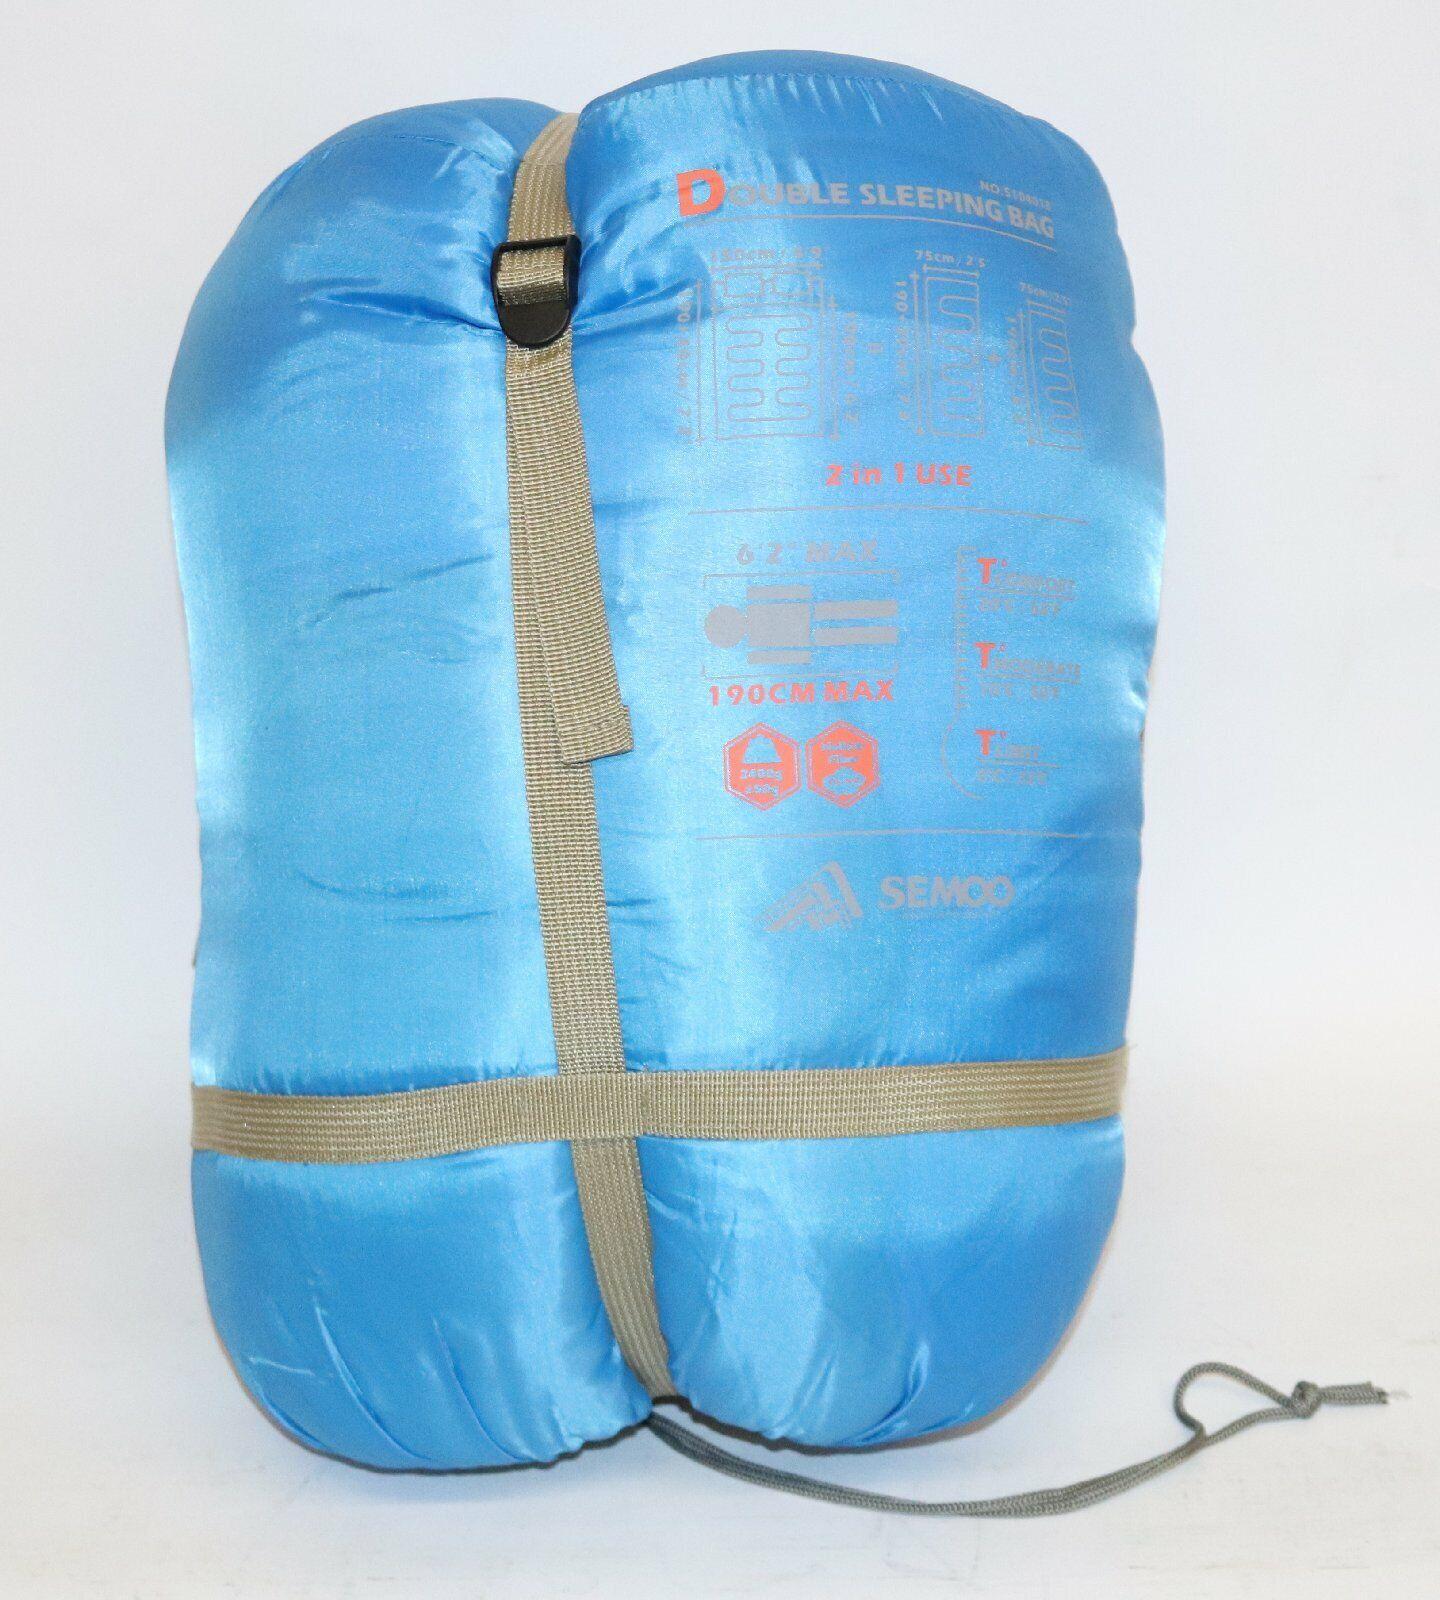 Semoo Semoo Semoo Doppelschlafsack - 3-Jahreszeiten Schlafsack für 2 Personen dfc44c